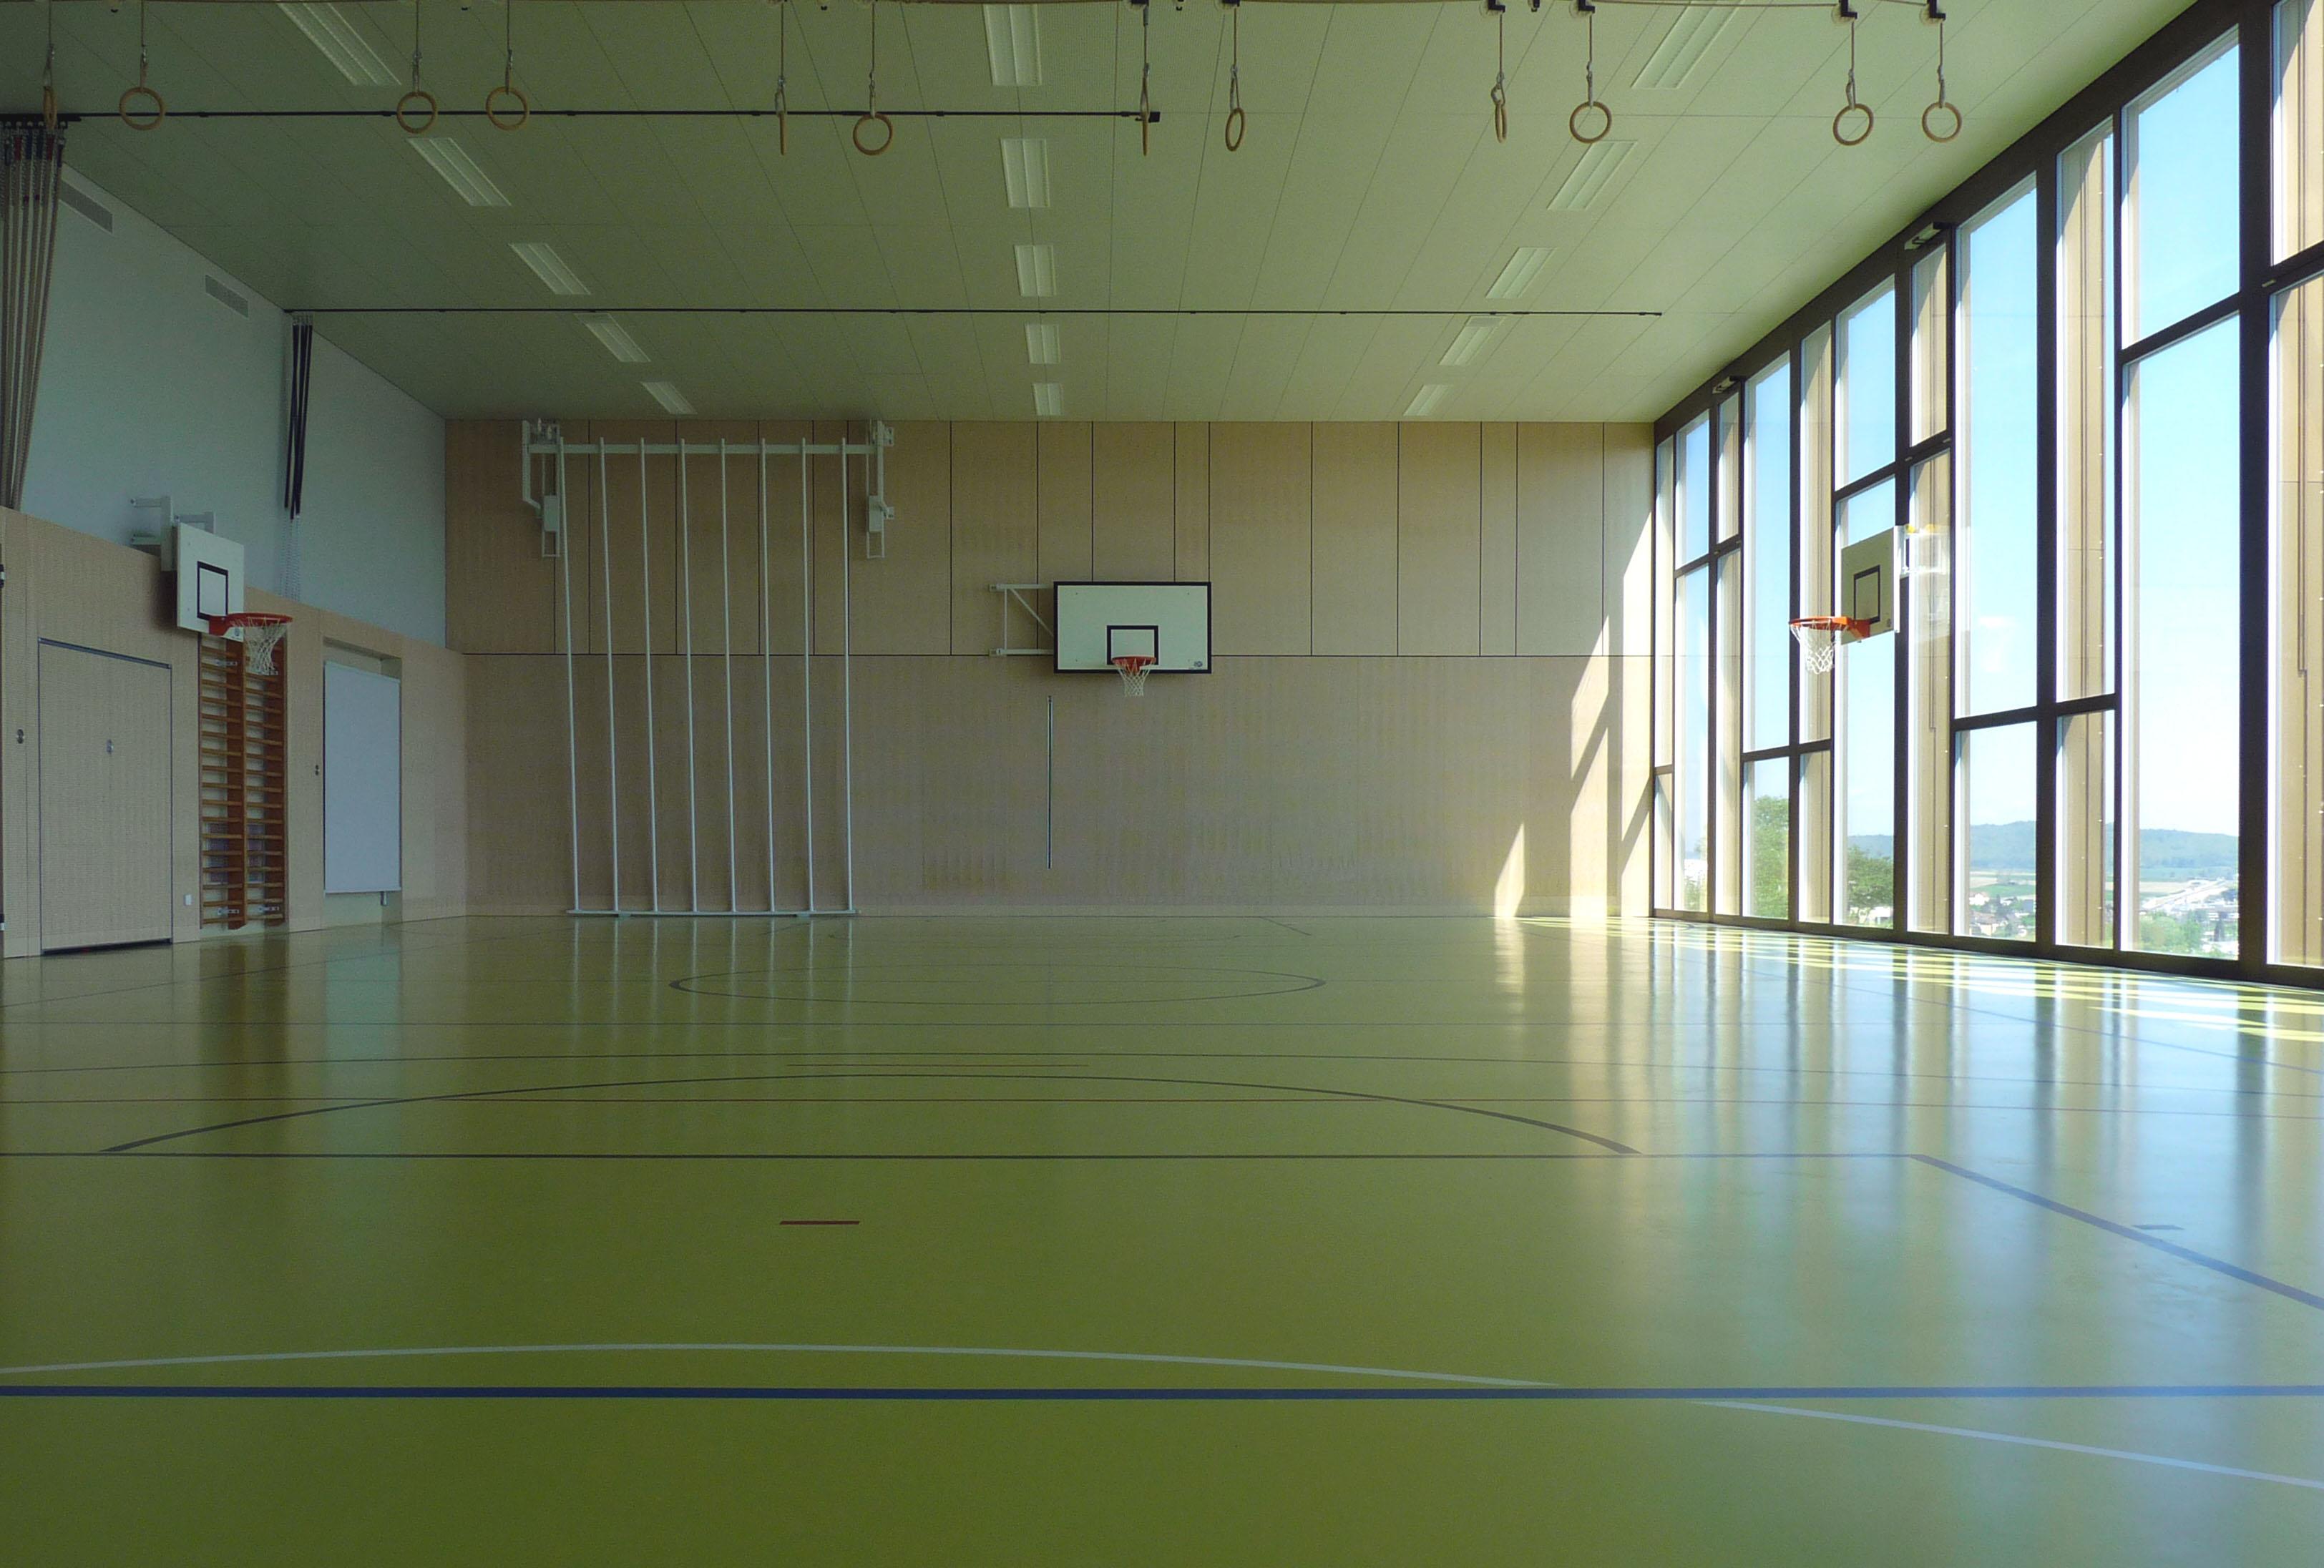 niveau -4_salle de gym